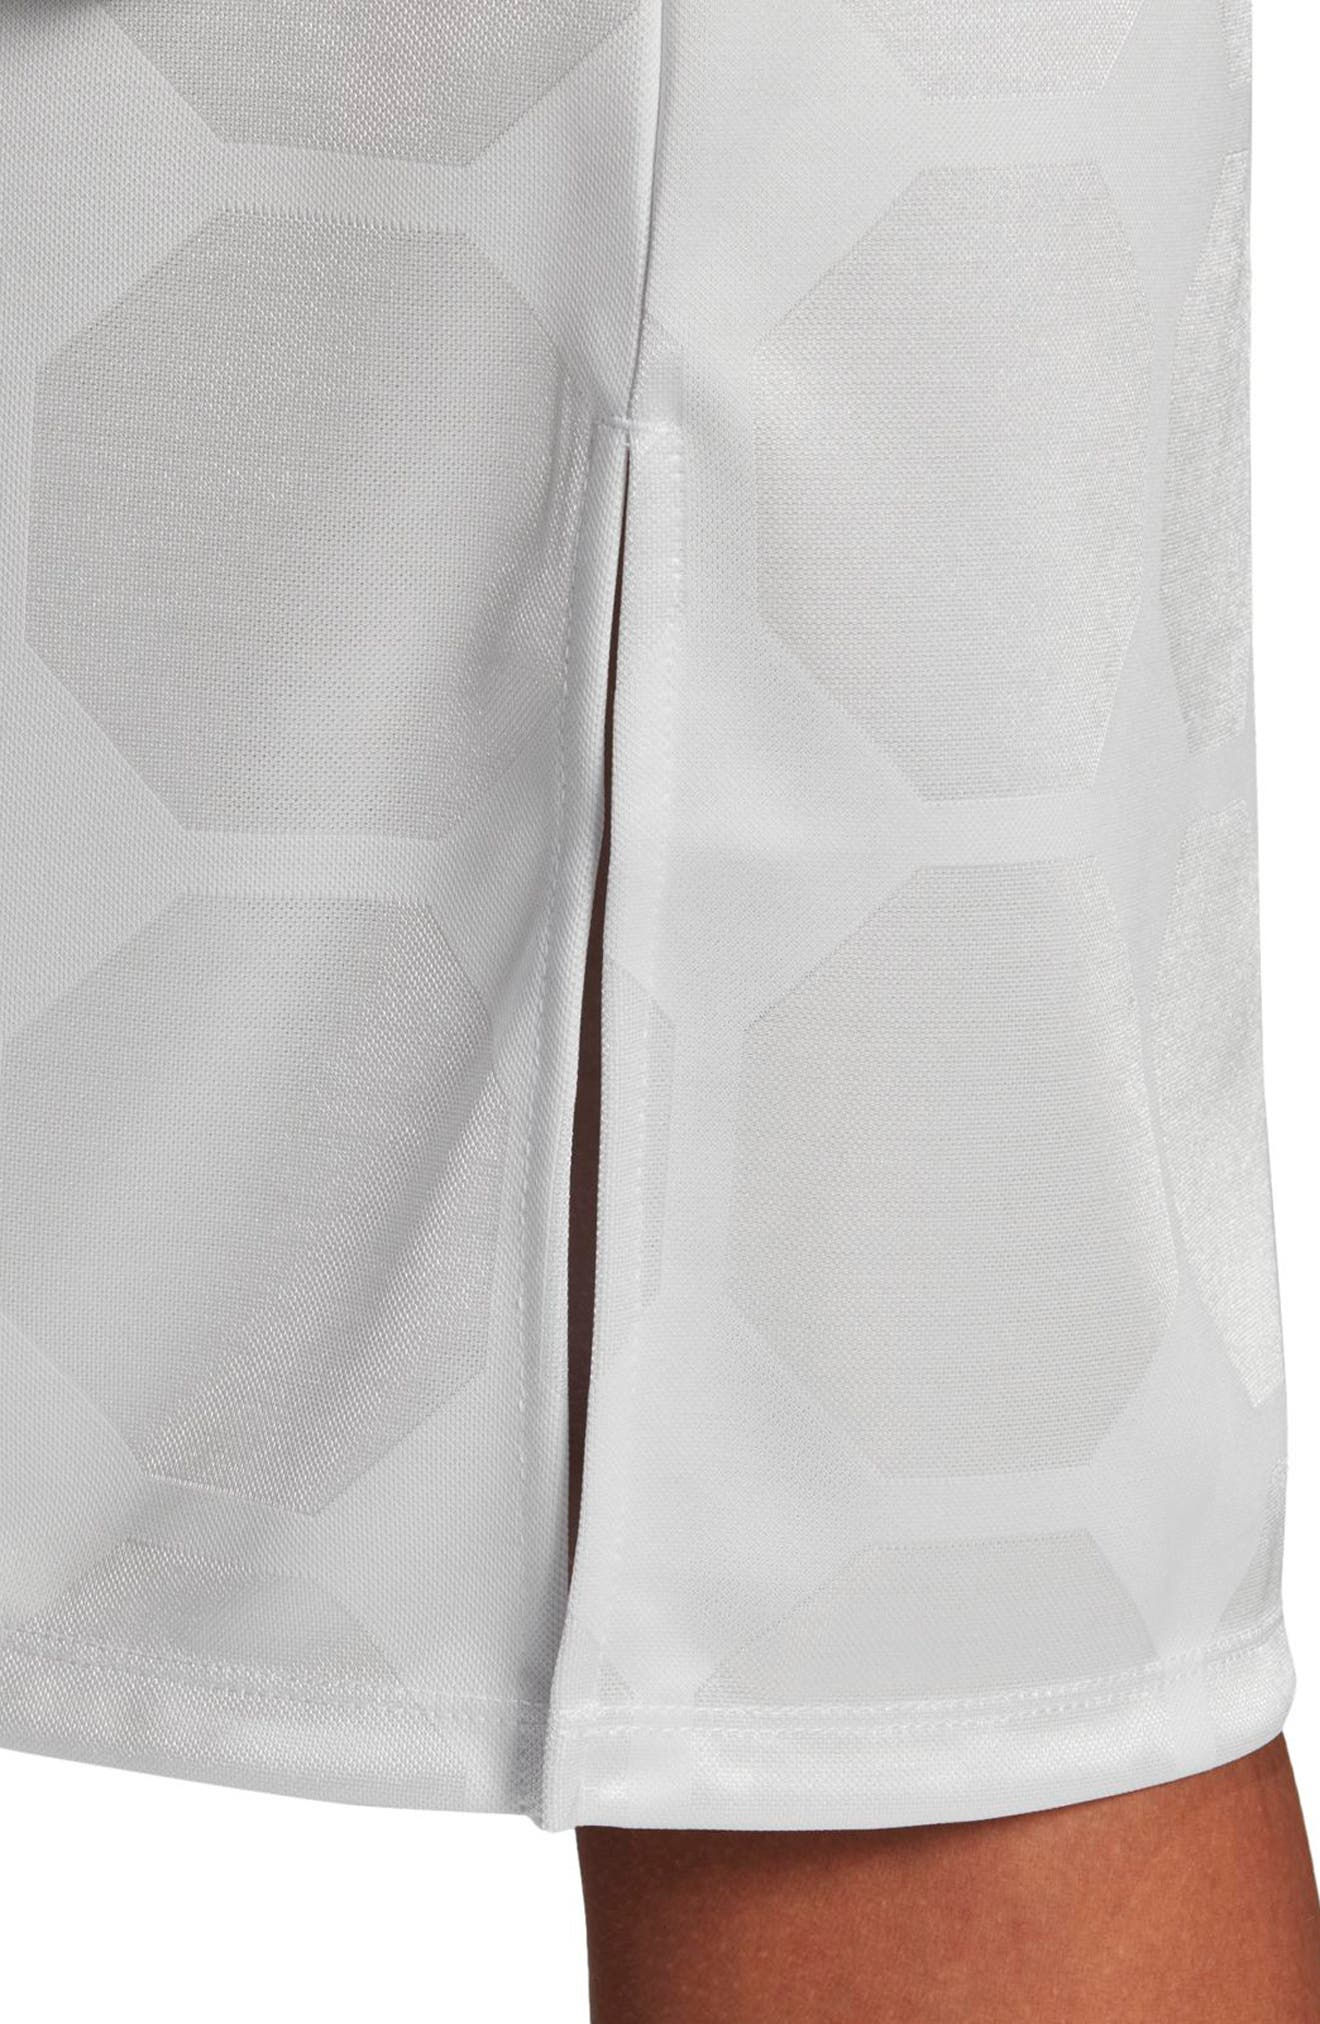 Fashion League Trefoil Jacquard Tank Dress,                             Alternate thumbnail 9, color,                             100